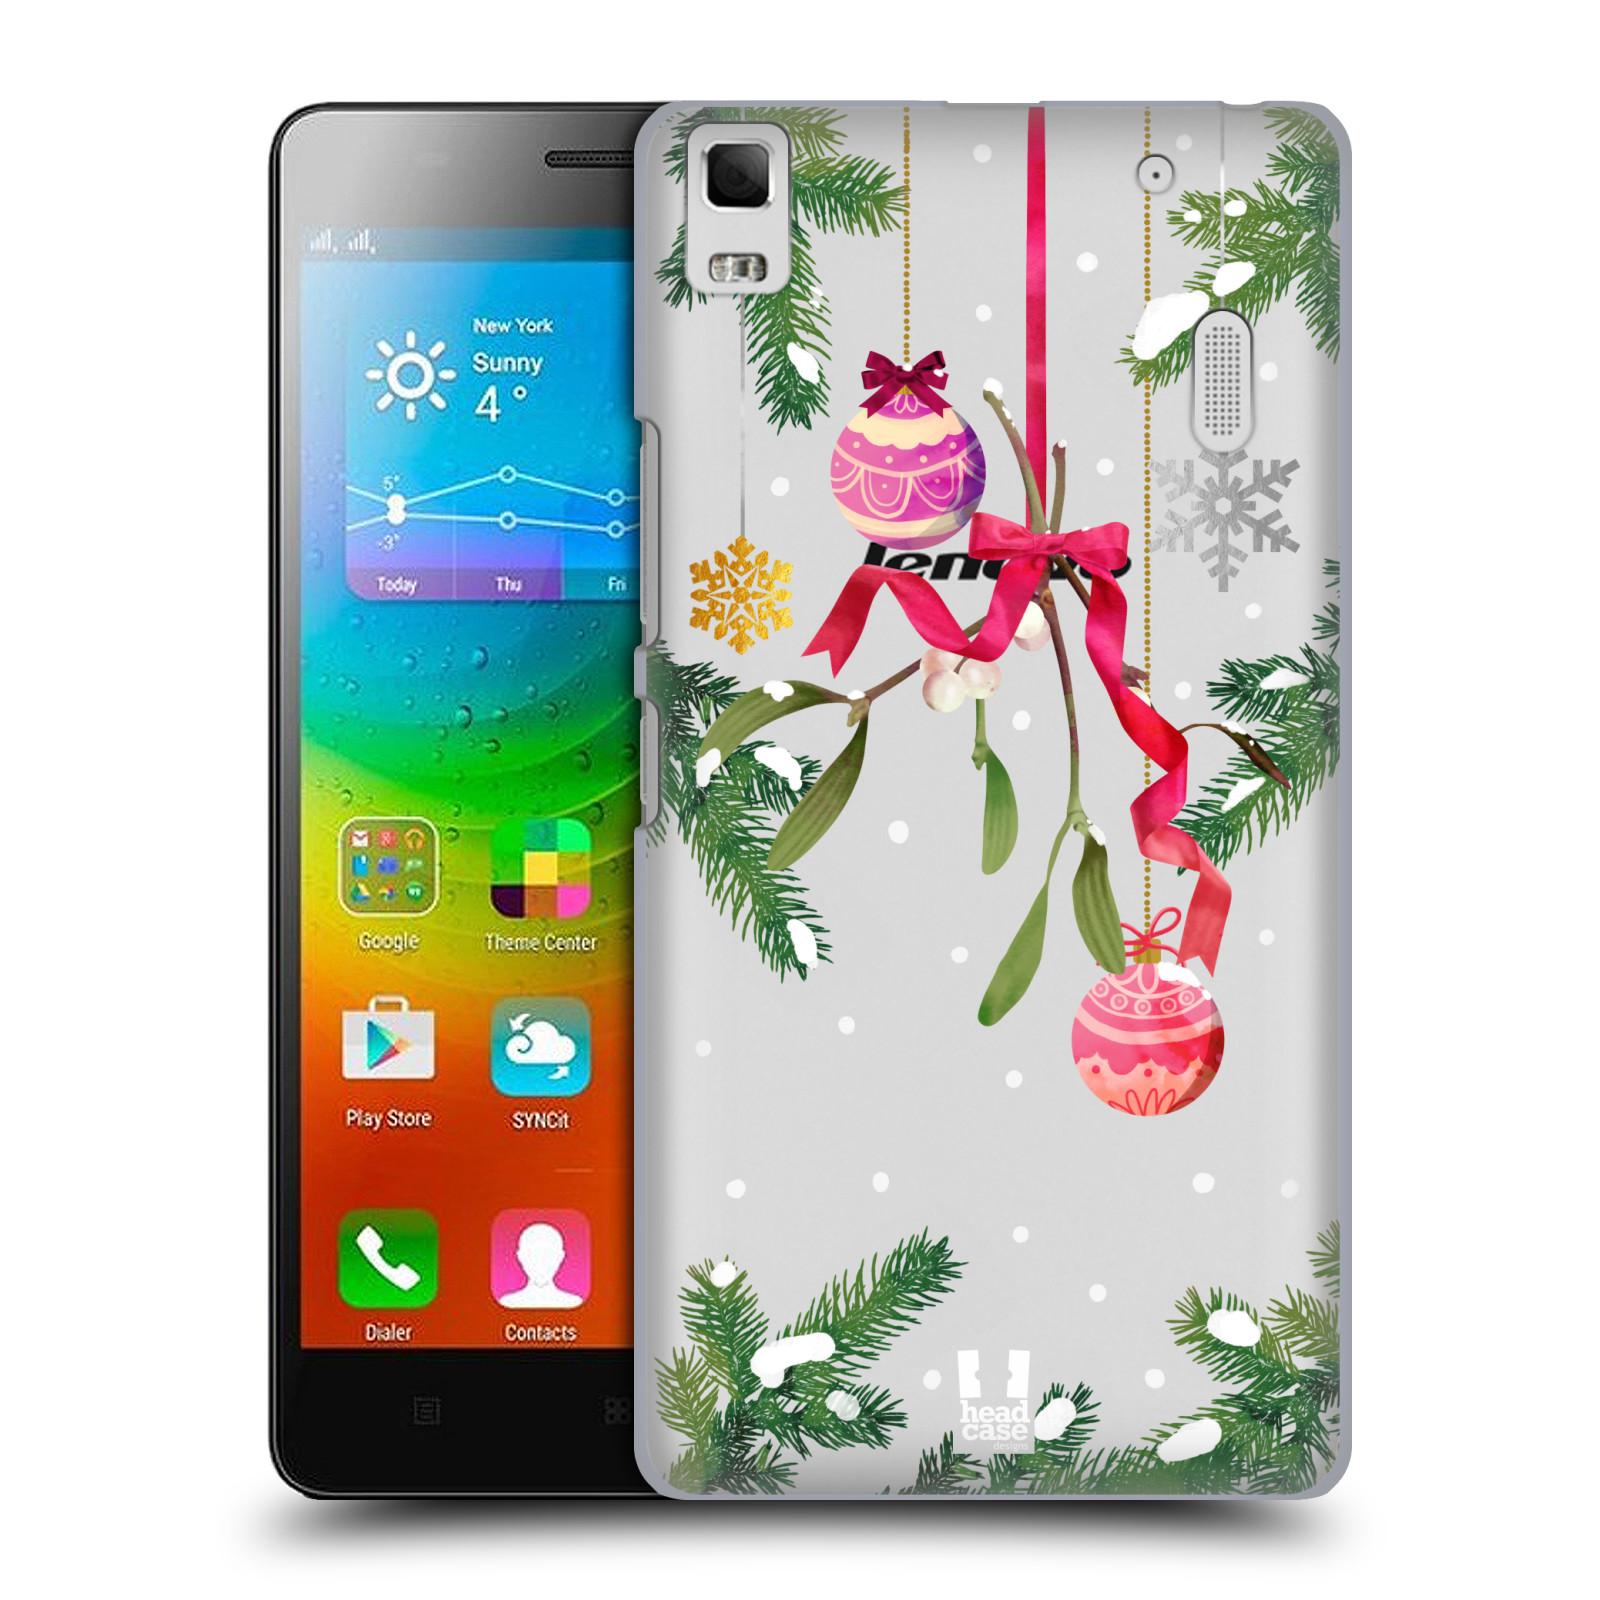 Plastové pouzdro na mobil Lenovo A7000 - Head Case - Větvičky a vánoční ozdoby